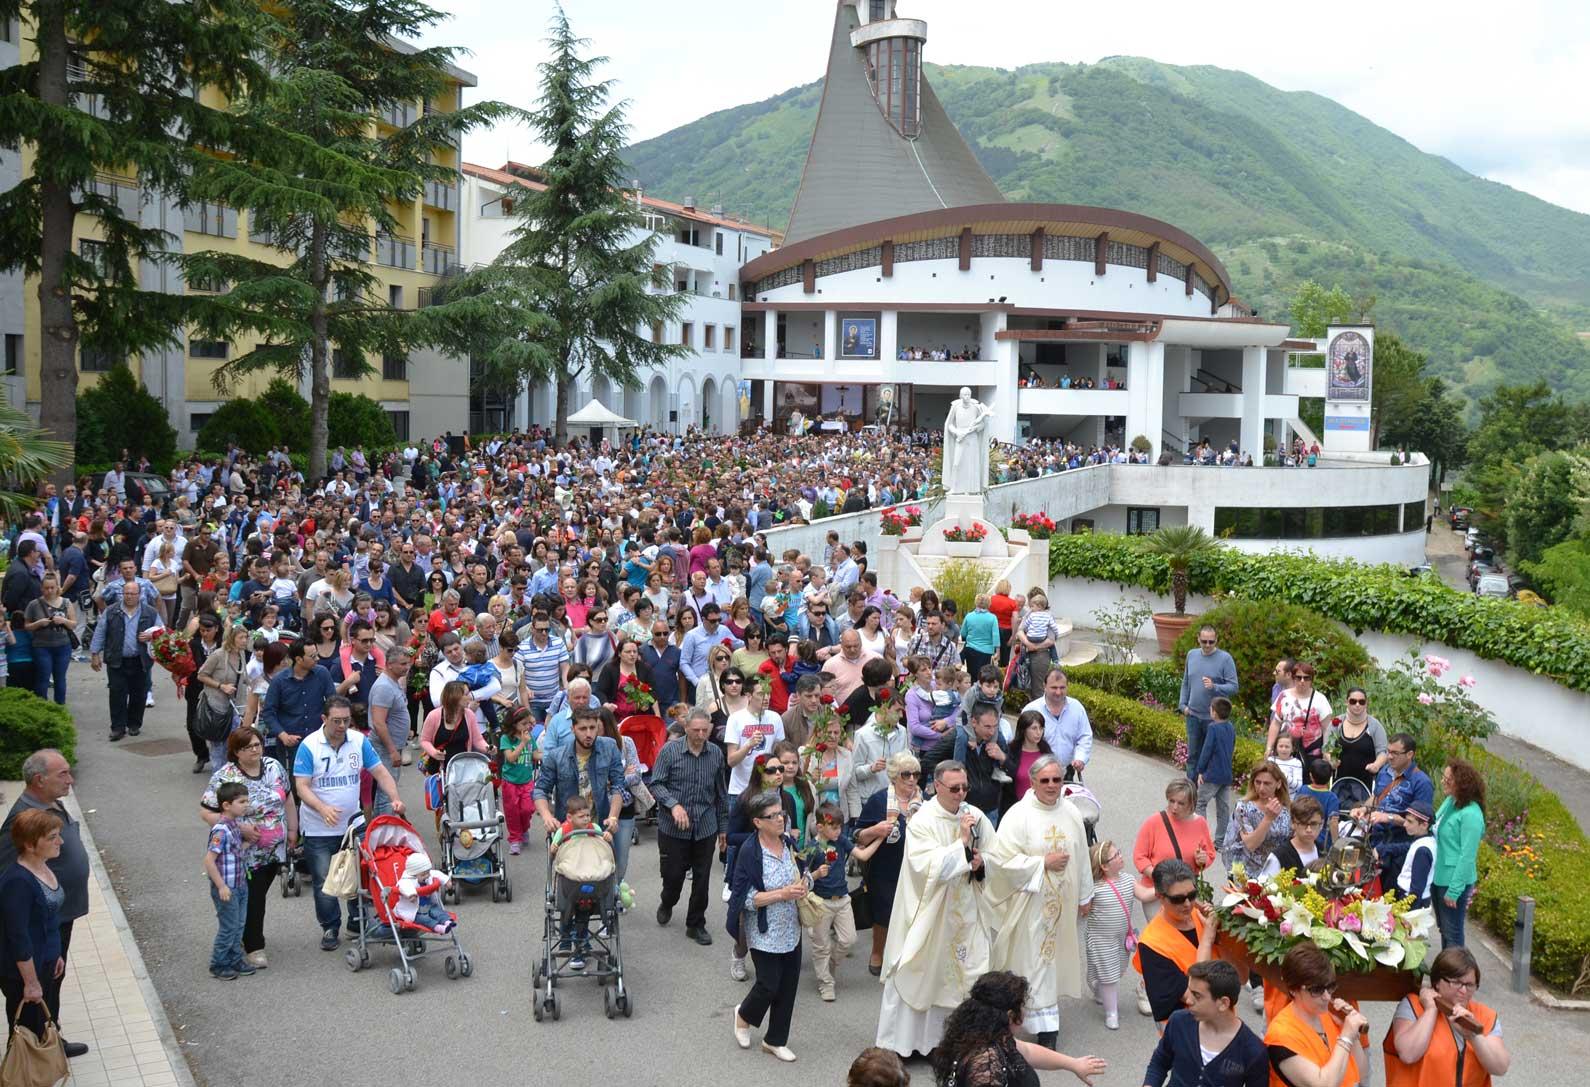 Caposele pronta per la prima festa di San Gerardo